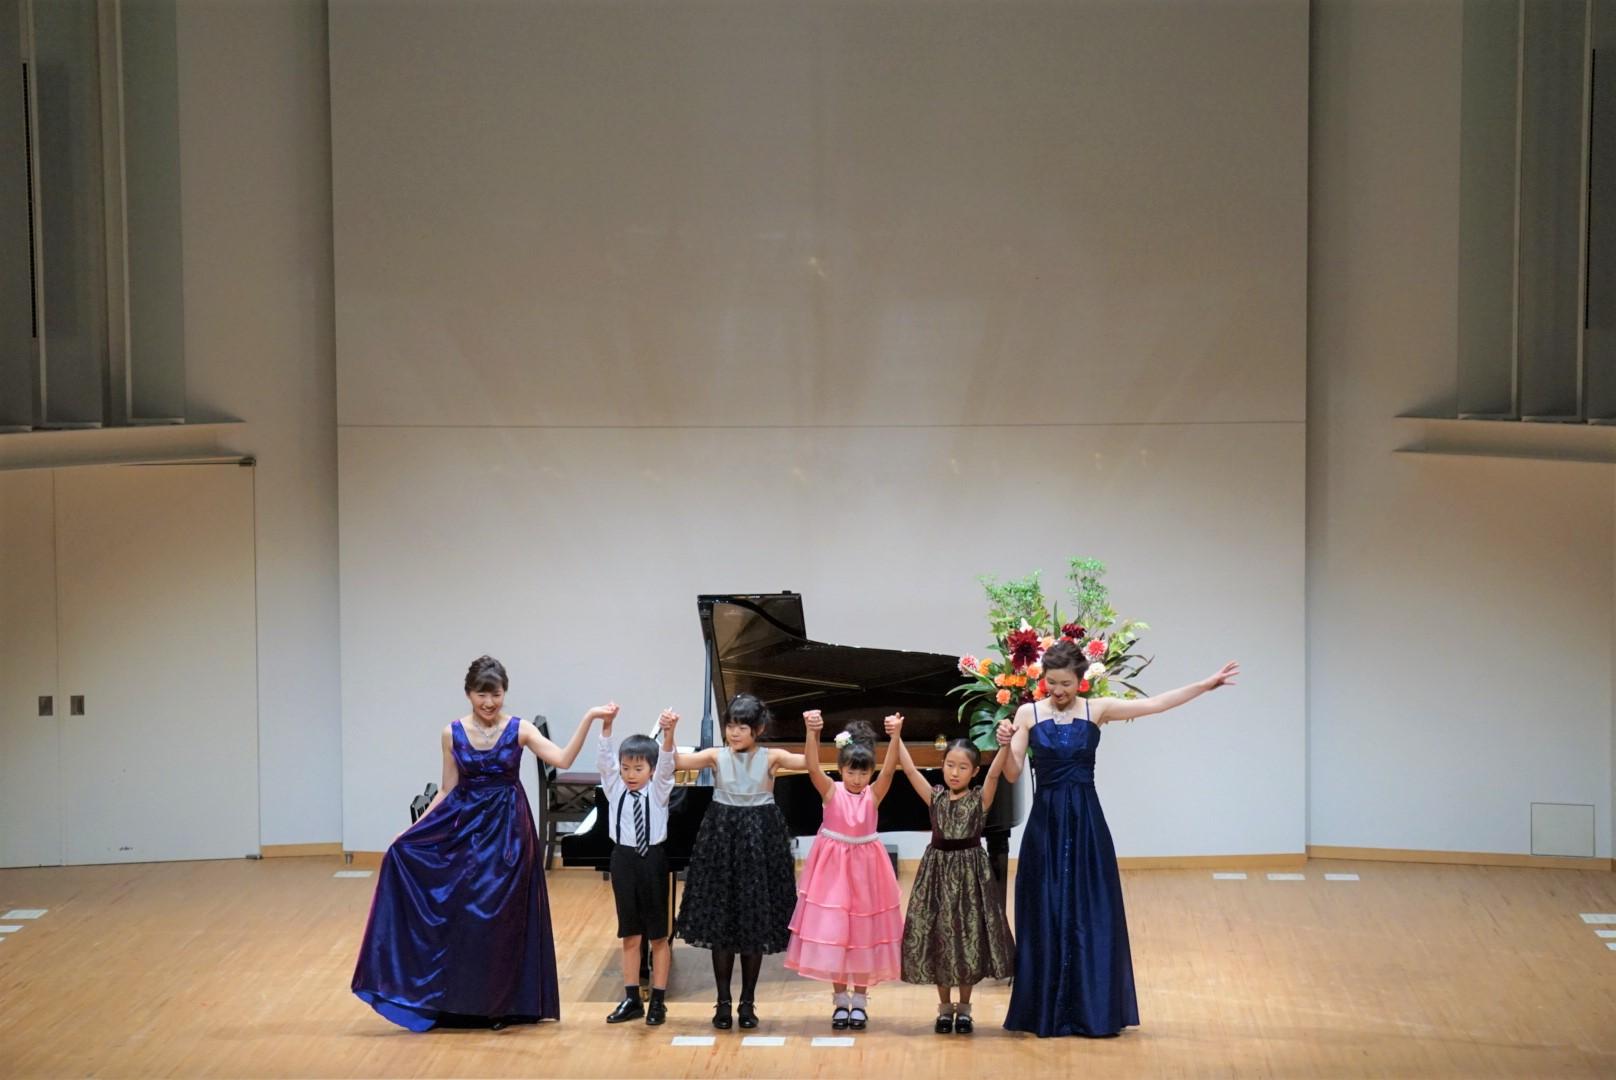 2018年10月27日 奏の会ピアノ発表会 ゆりか先生と5人の生徒による「ドリー組曲」